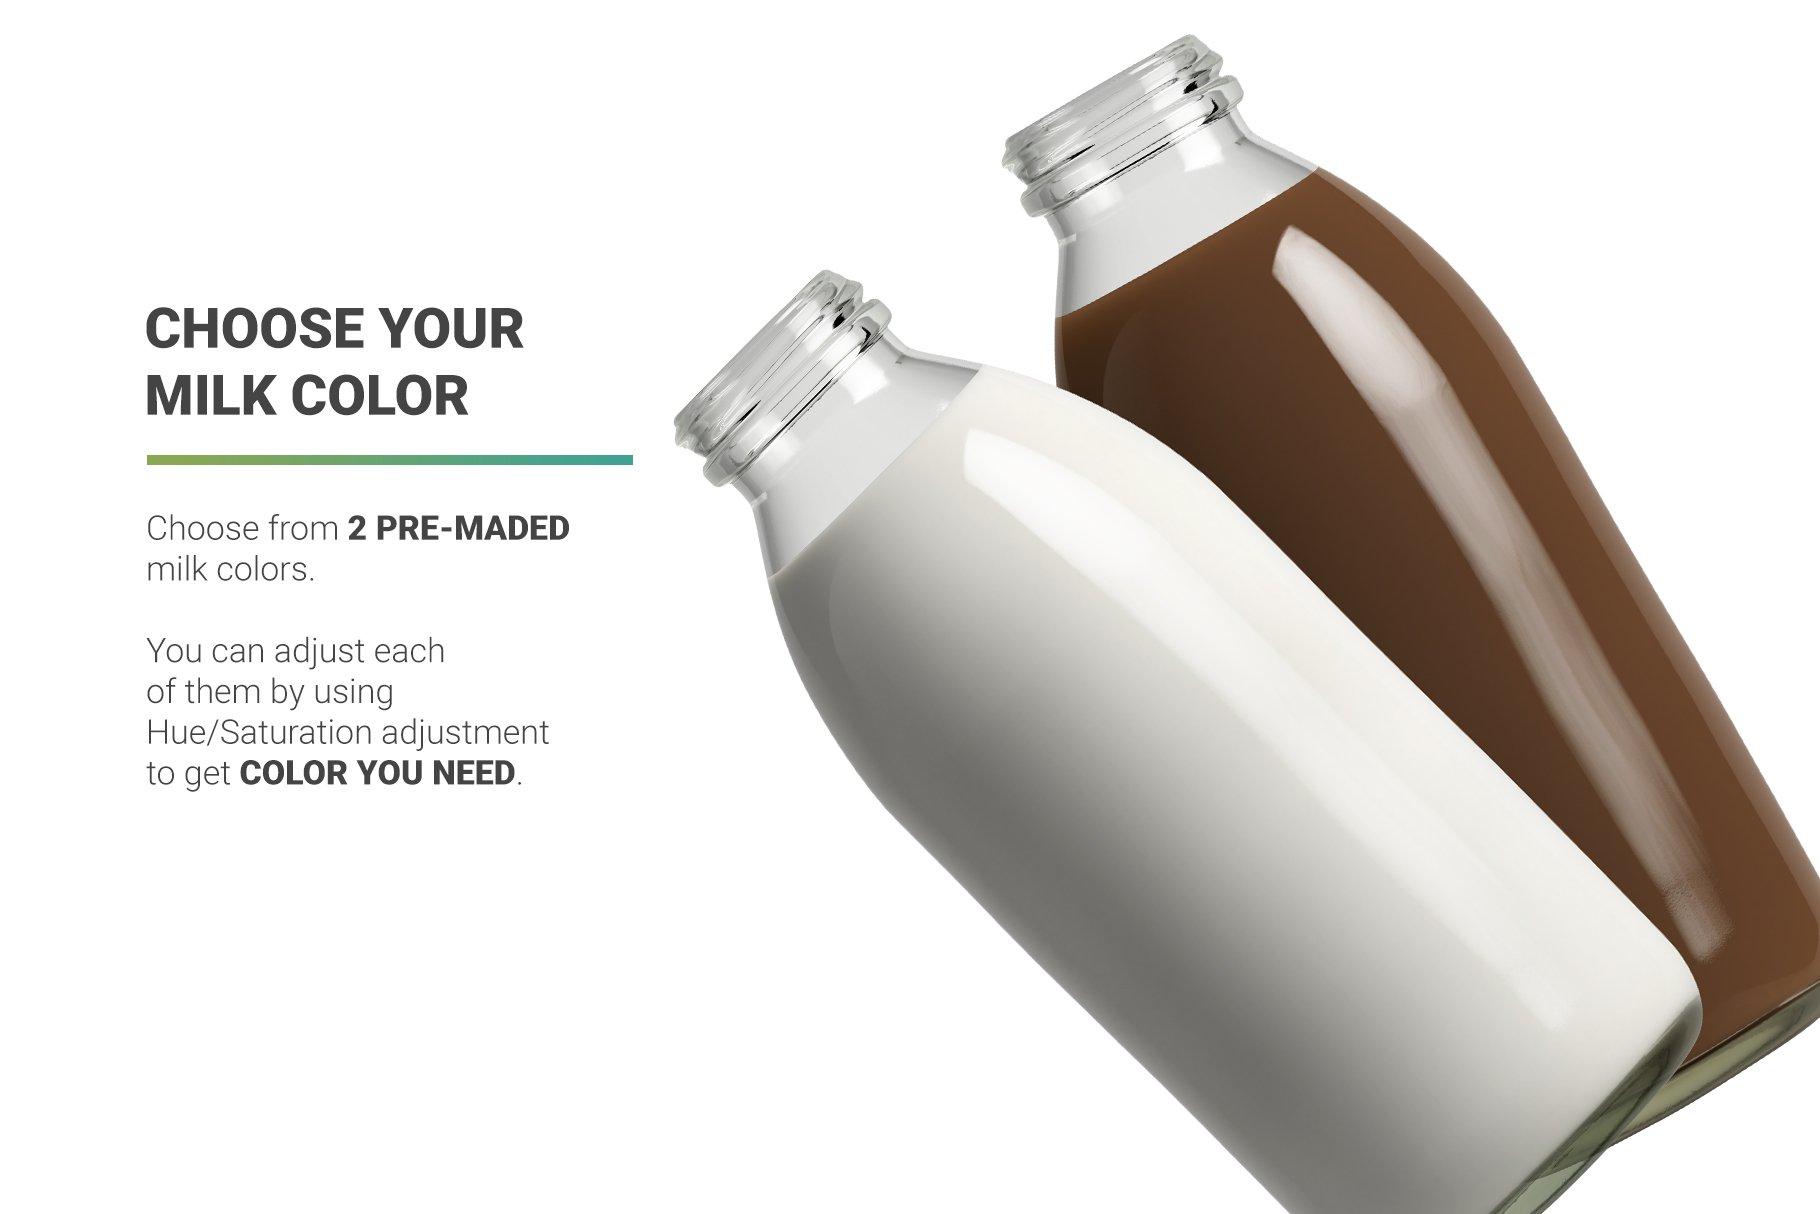 高分辨率鲜奶玻璃瓶设计展示贴图样机 Milk Cocoa Bottle Mockup插图10